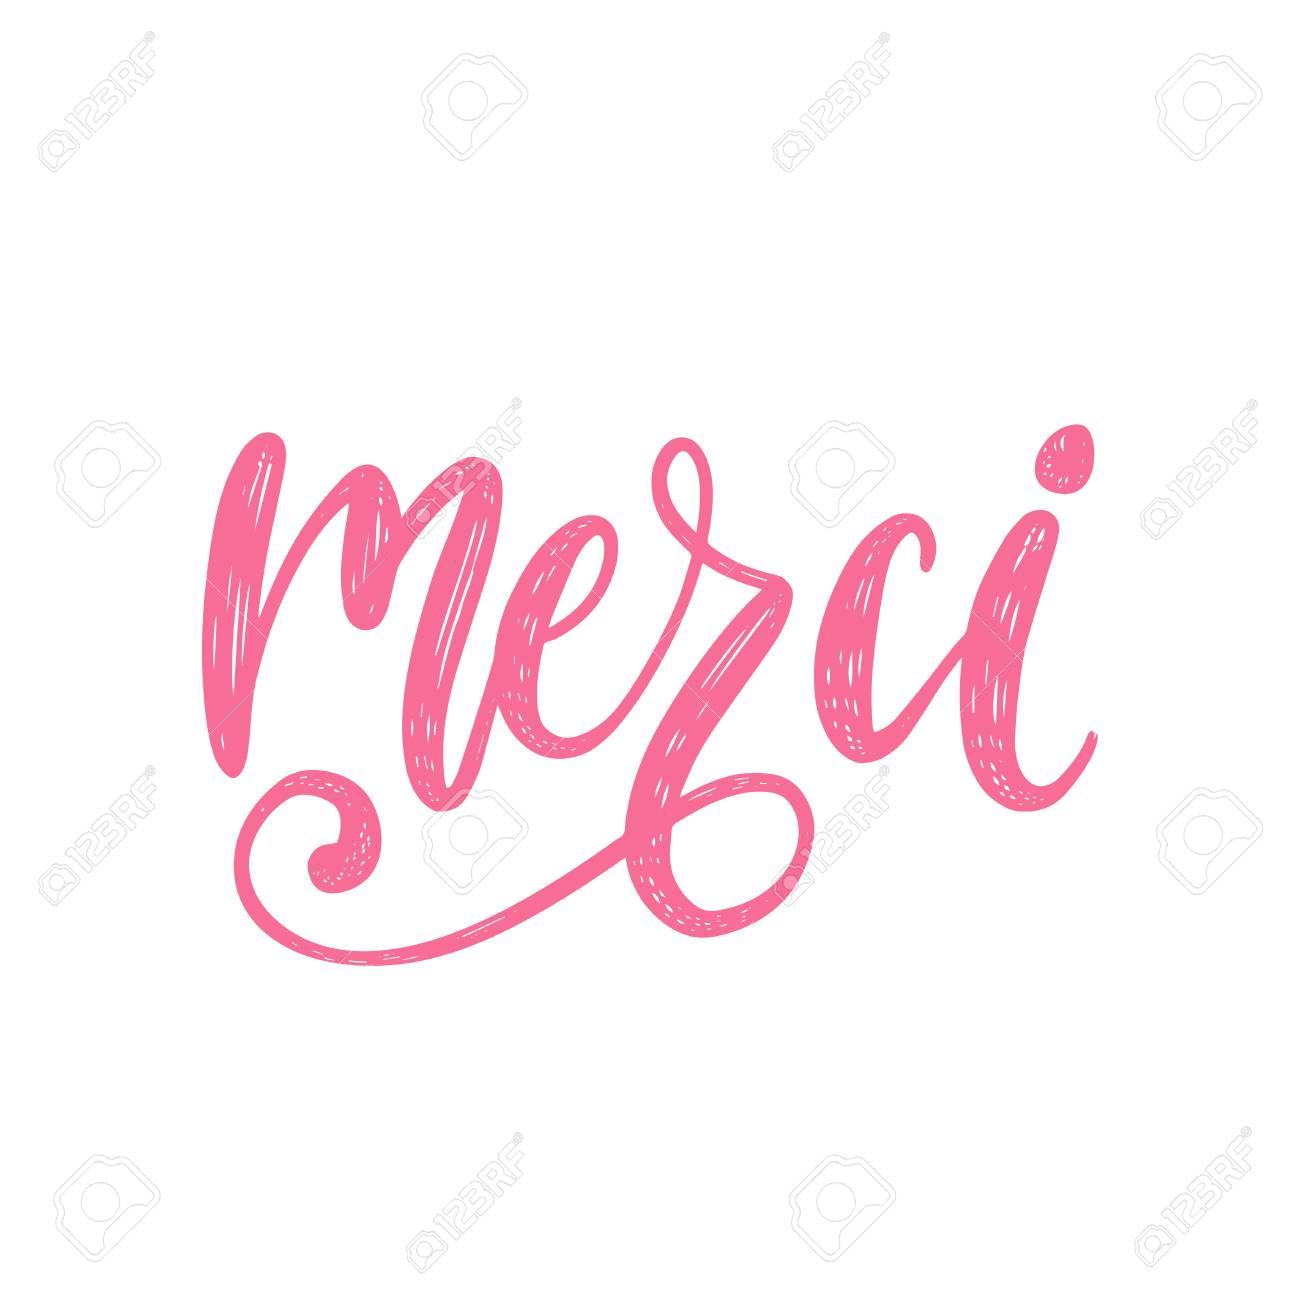 Vector Merci Caligrafia Tradução Francesa De Frase De Agradecimento Letras De Mão Da Palavra Gratidão